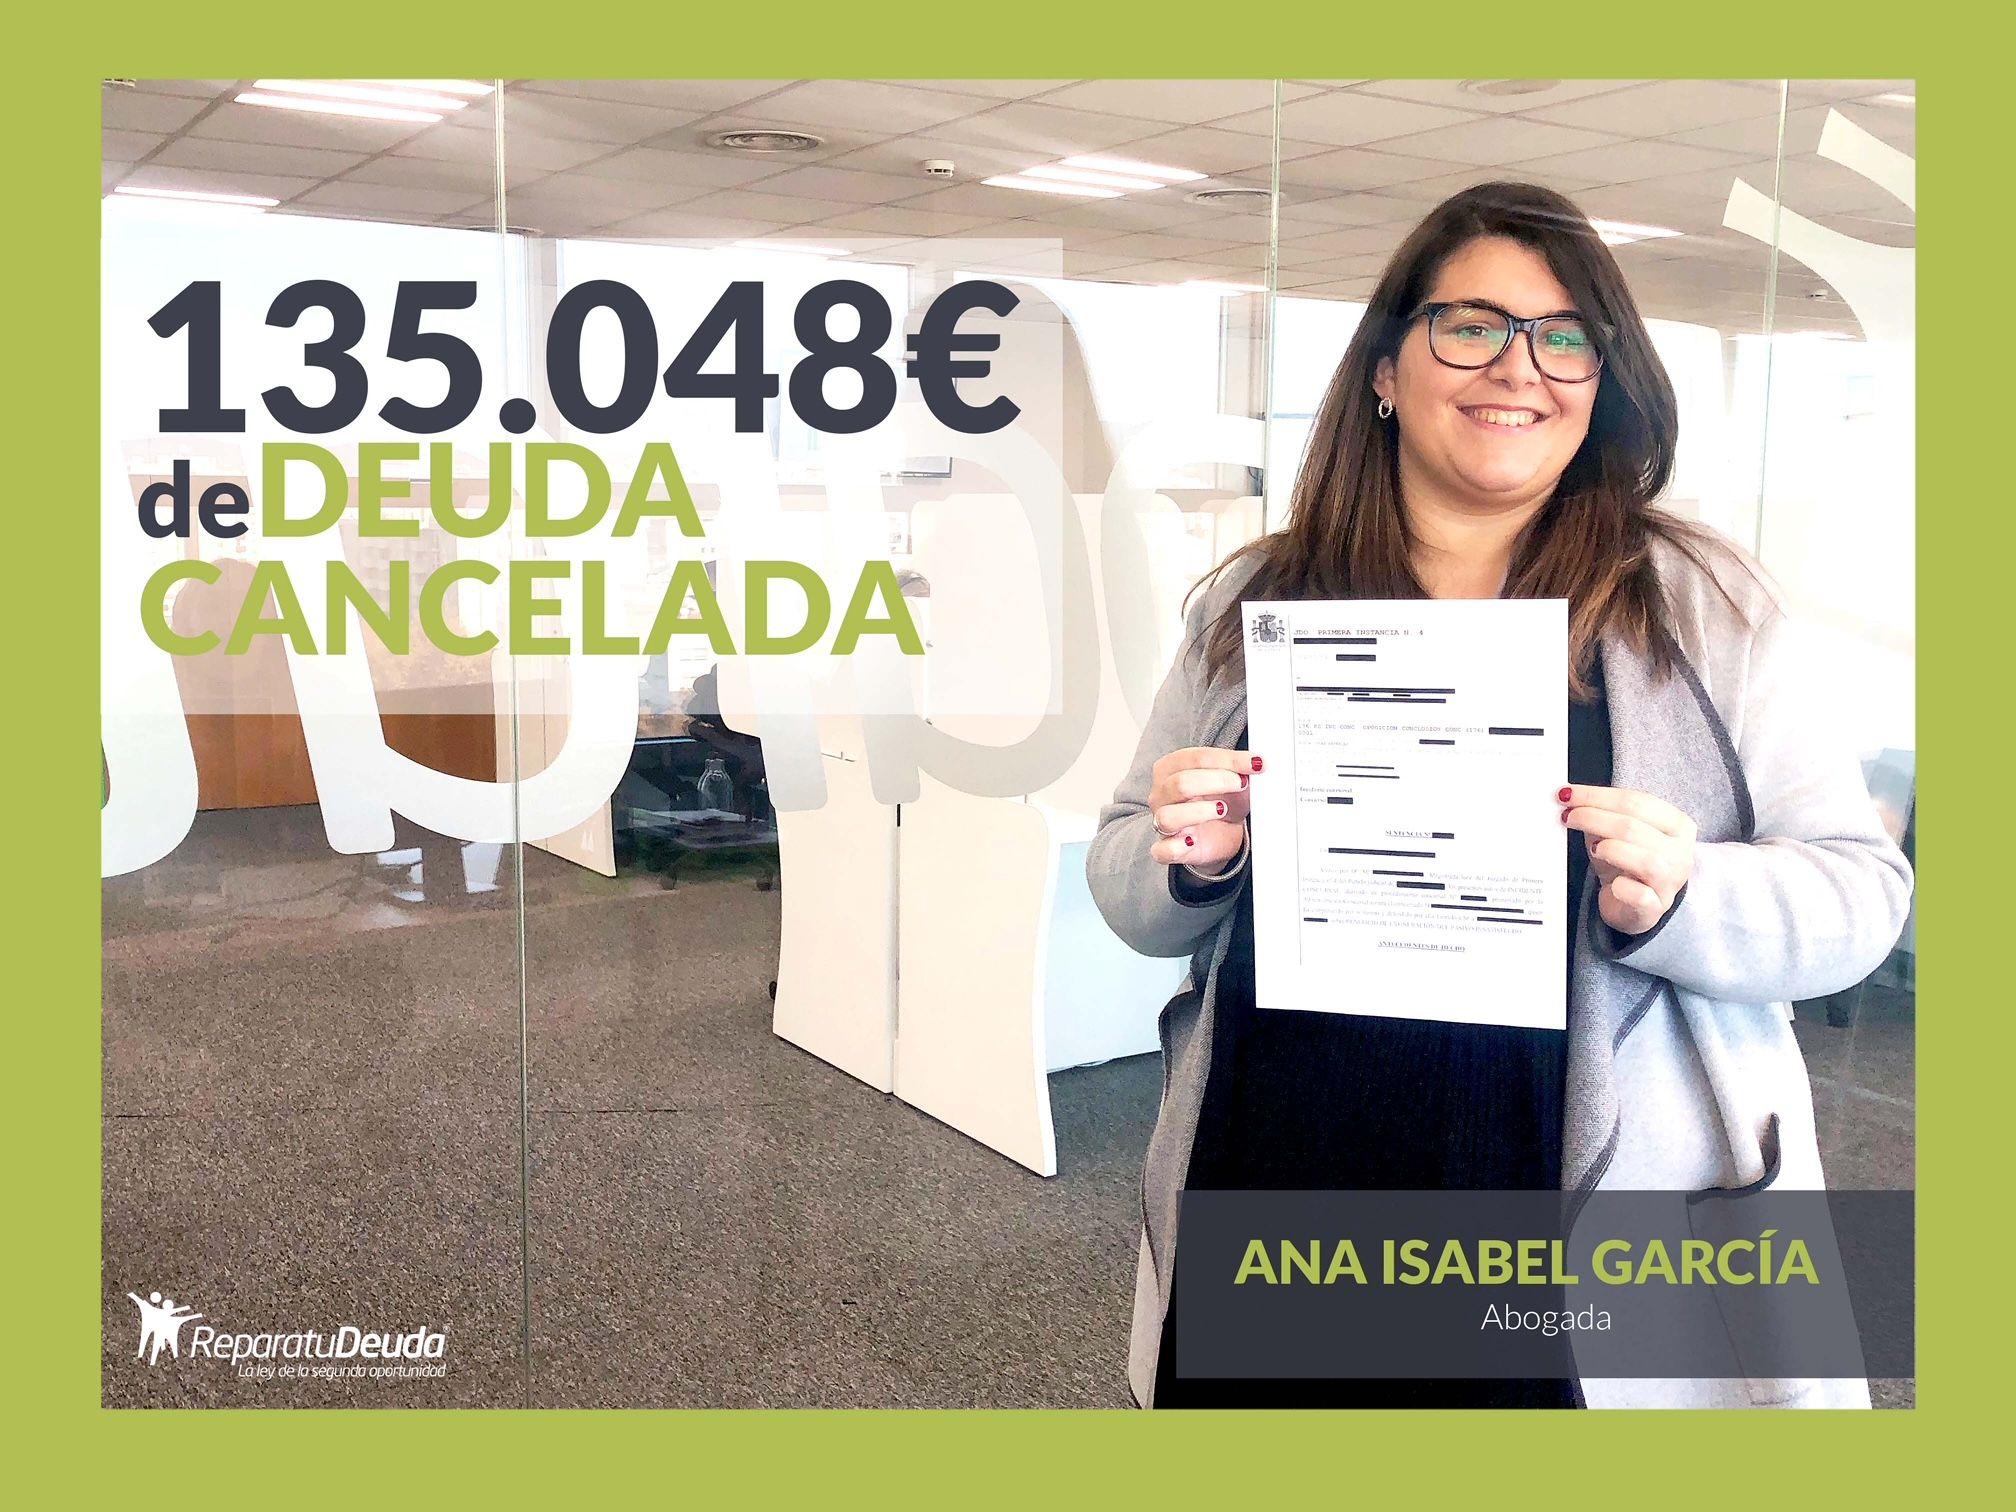 Repara tu Deuda Abogados cancela 135.048 ? de deuda en Madrid con la Ley de Segunda Oportunidad